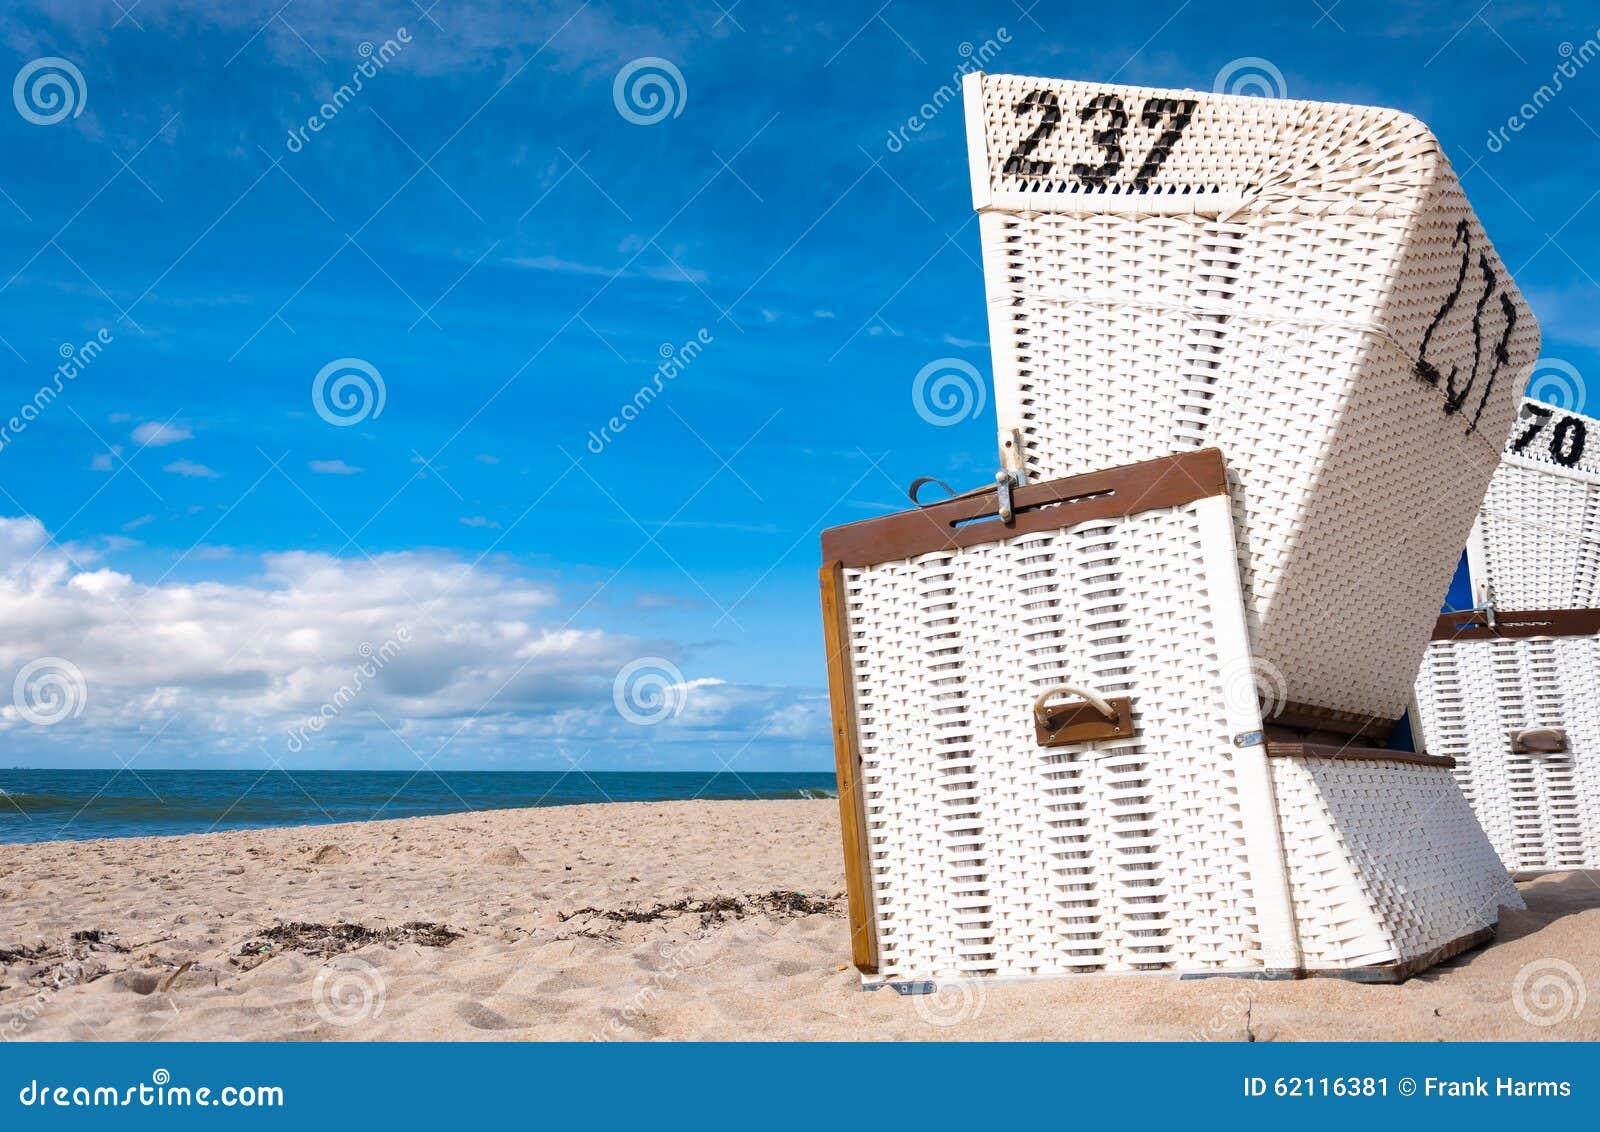 Strandstühle auf der Insel von Sylt, Schleswig-Holstein, Deutschland